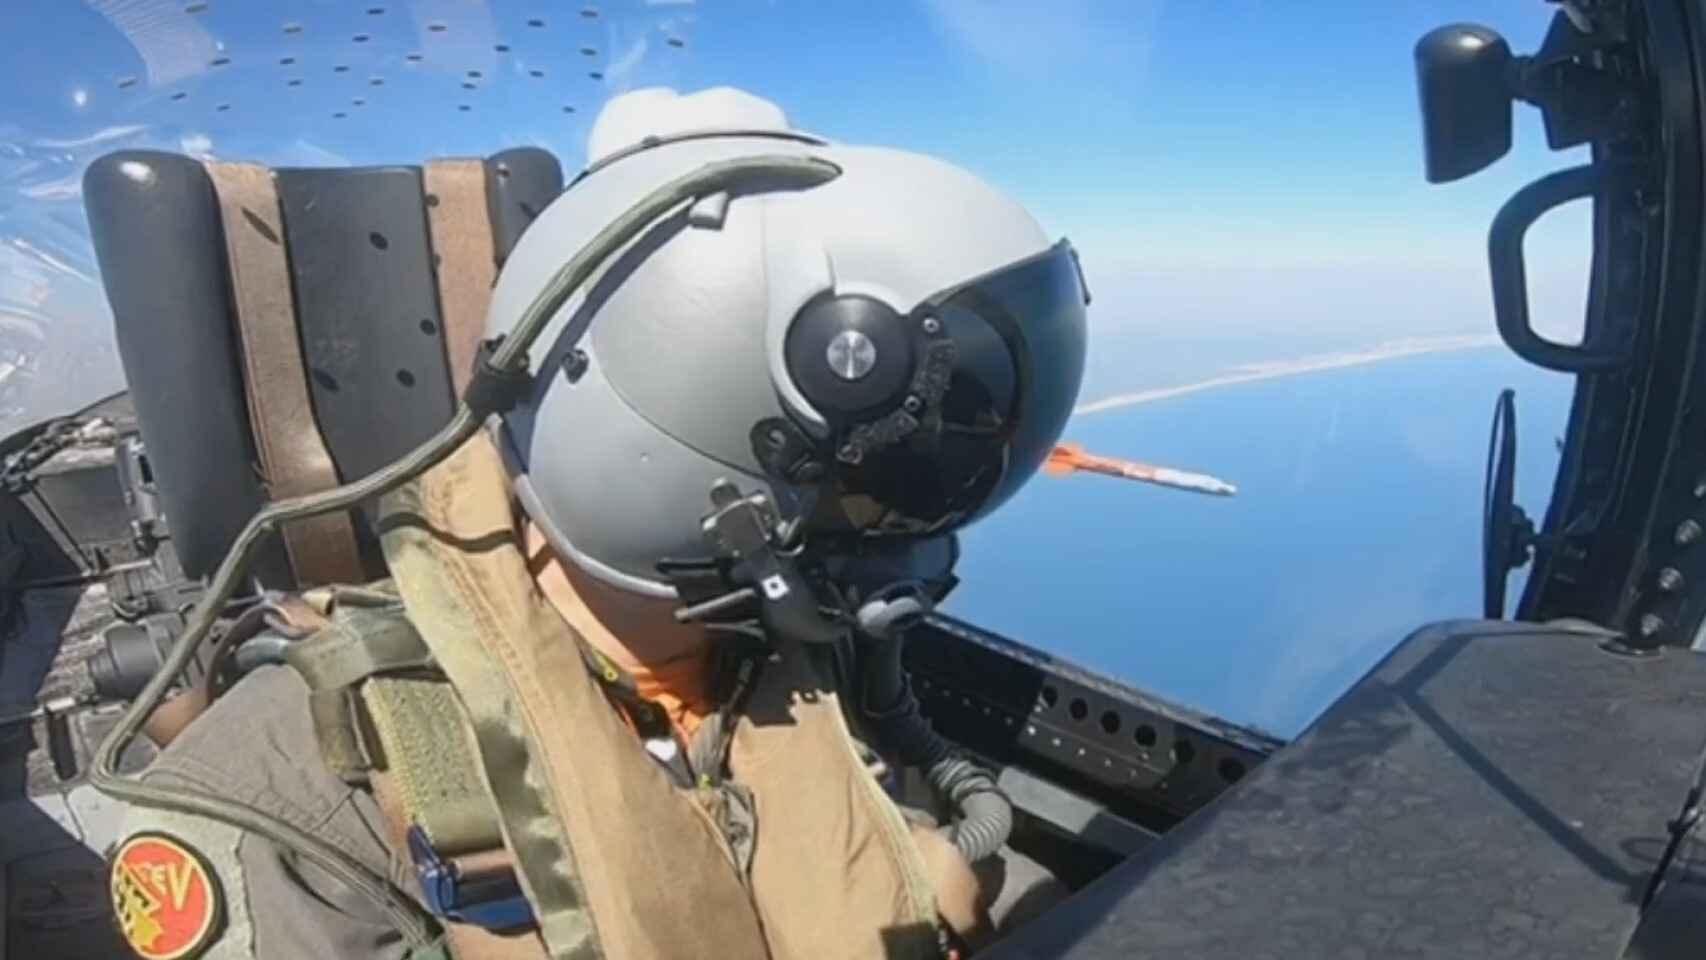 Casco Thales Scorpion con un misil infrarrojo